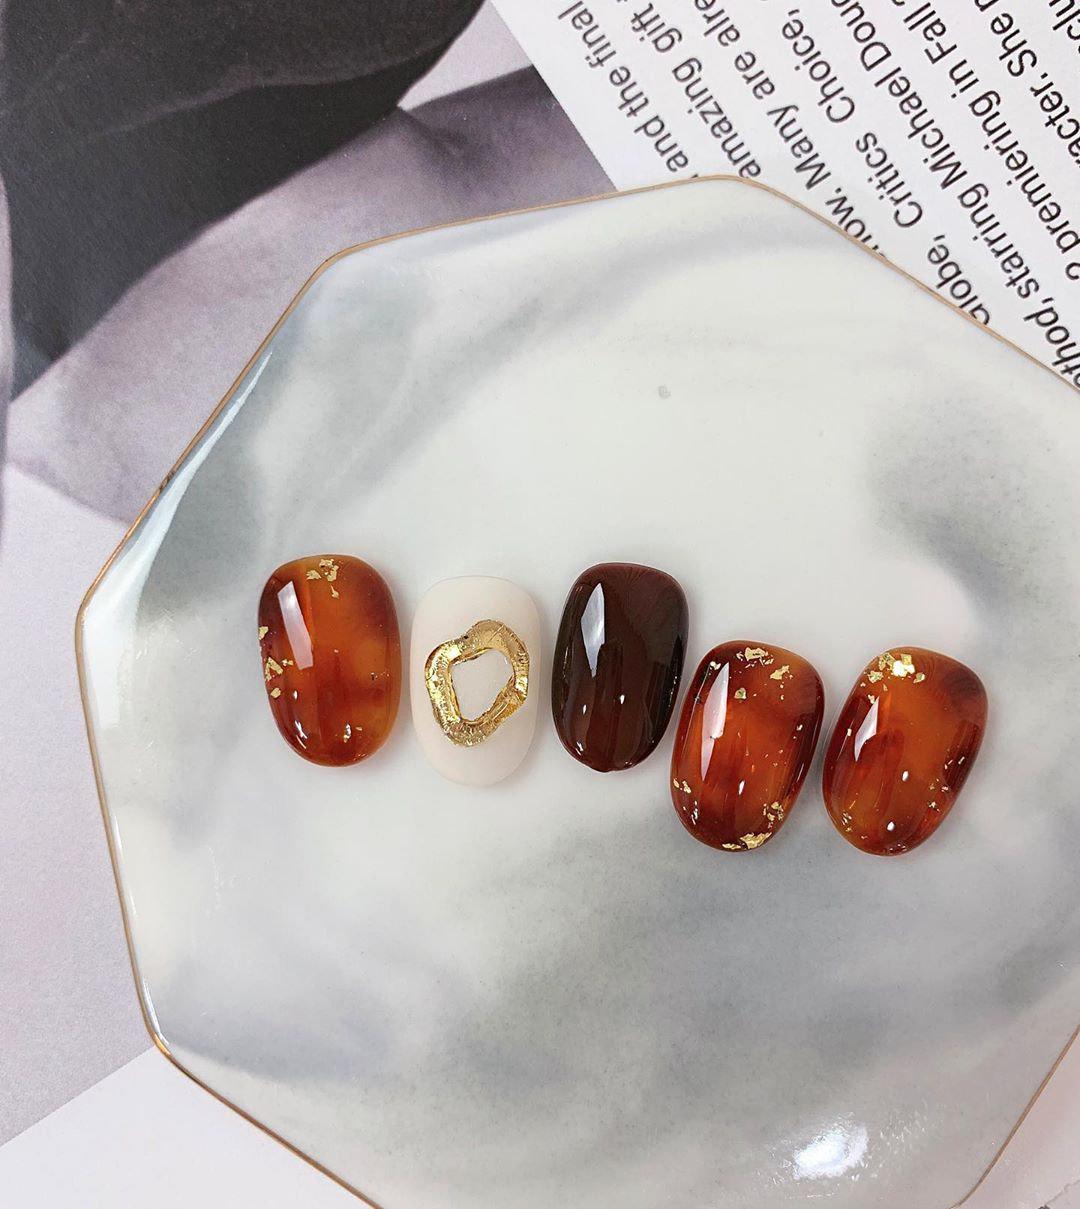 宛如烤焦糖般柔和温暖!15款「琥珀美甲」清单,晕染渐层、金葱点缀,每款都让指尖变得好奢华~插图(13)